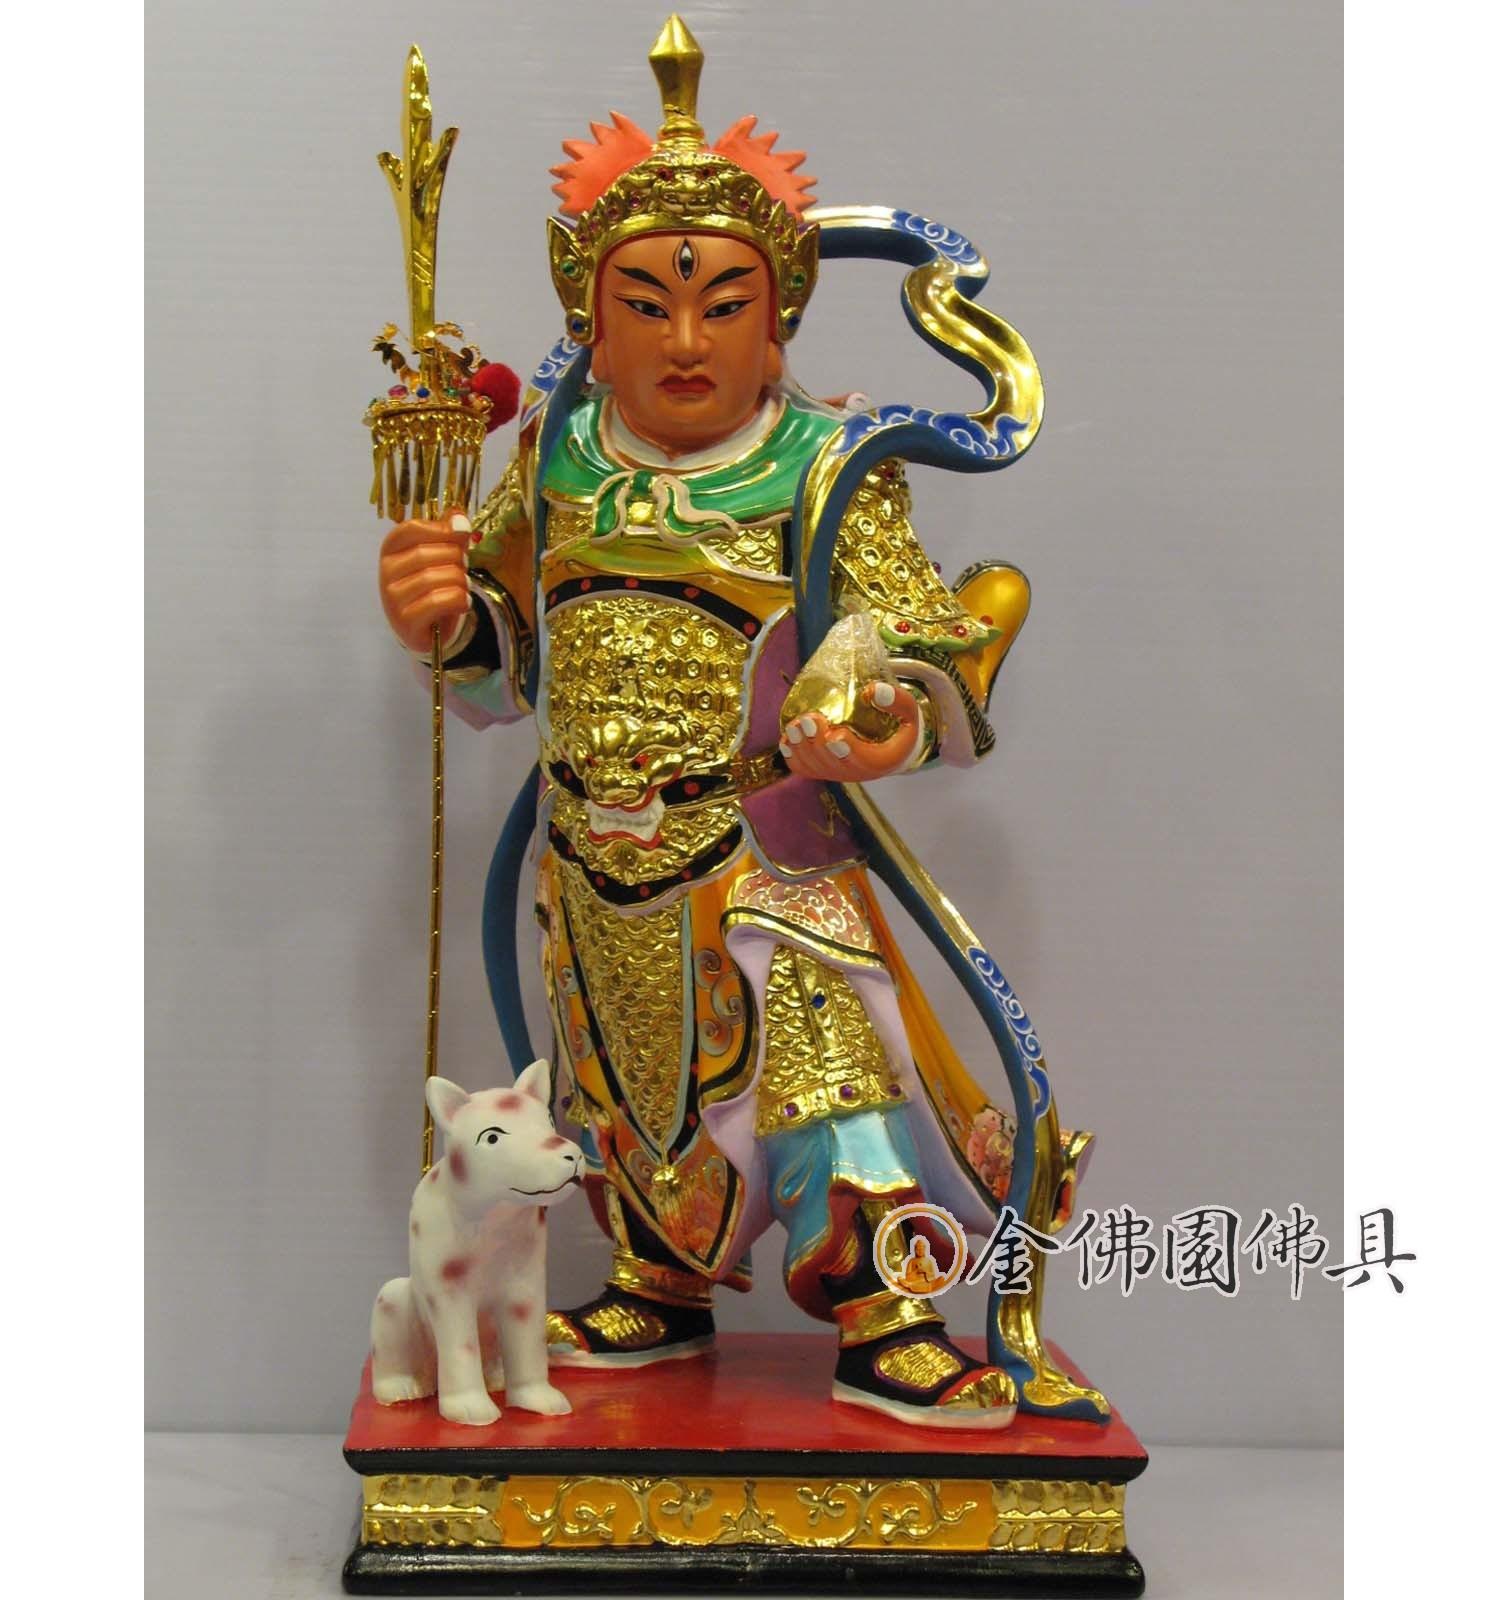 金佛園佛具: QF0503二郎神顯聖二郎真君楊戩-樟木雕1尺3